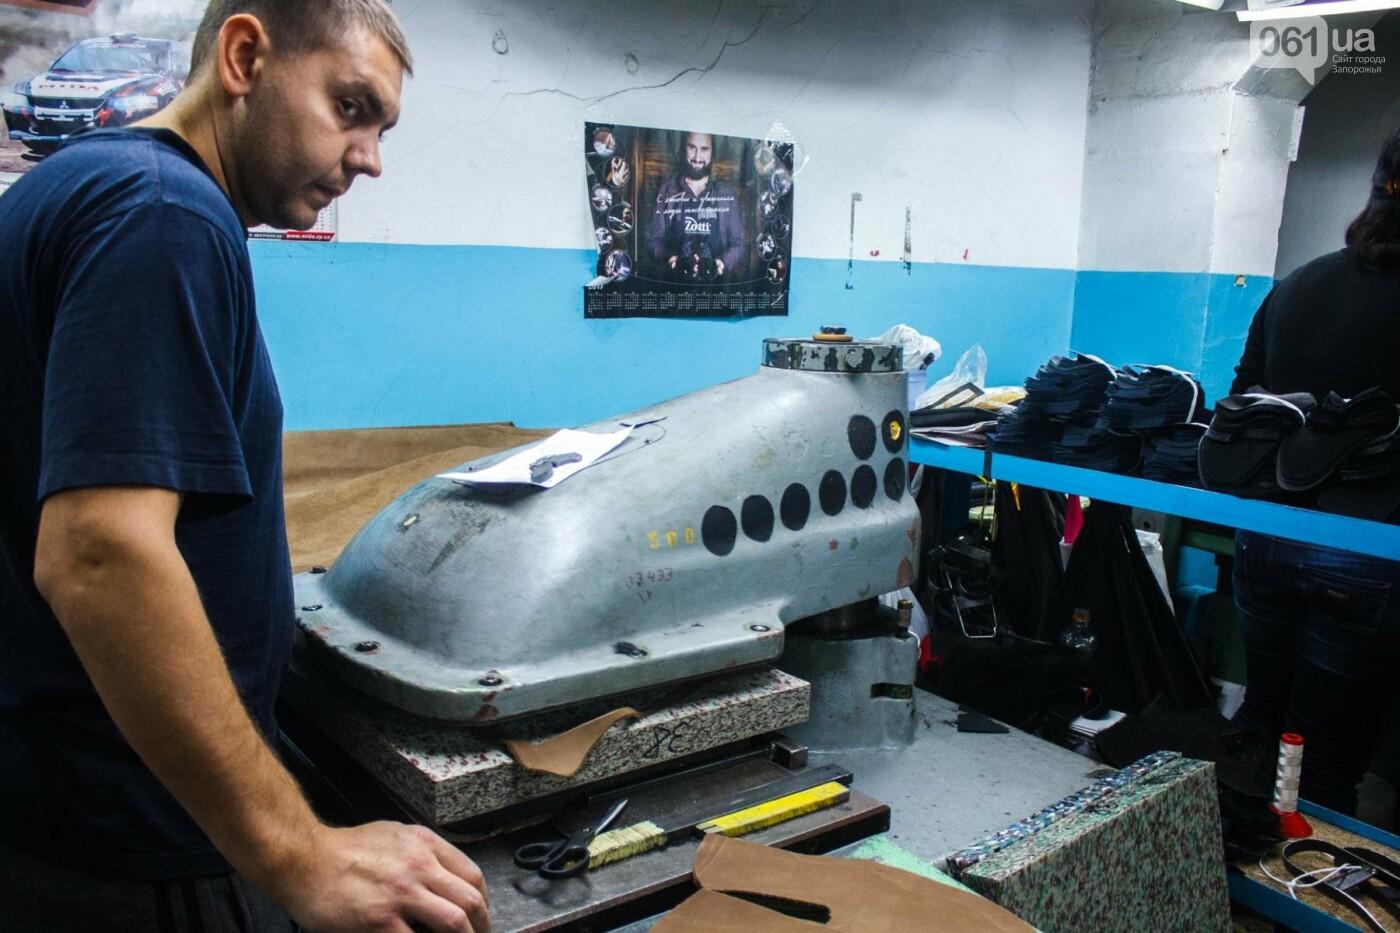 Как создается обувь: экскурсия на запорожскую обувную фабрику, – ФОТОРЕПОРТАЖ, фото-44